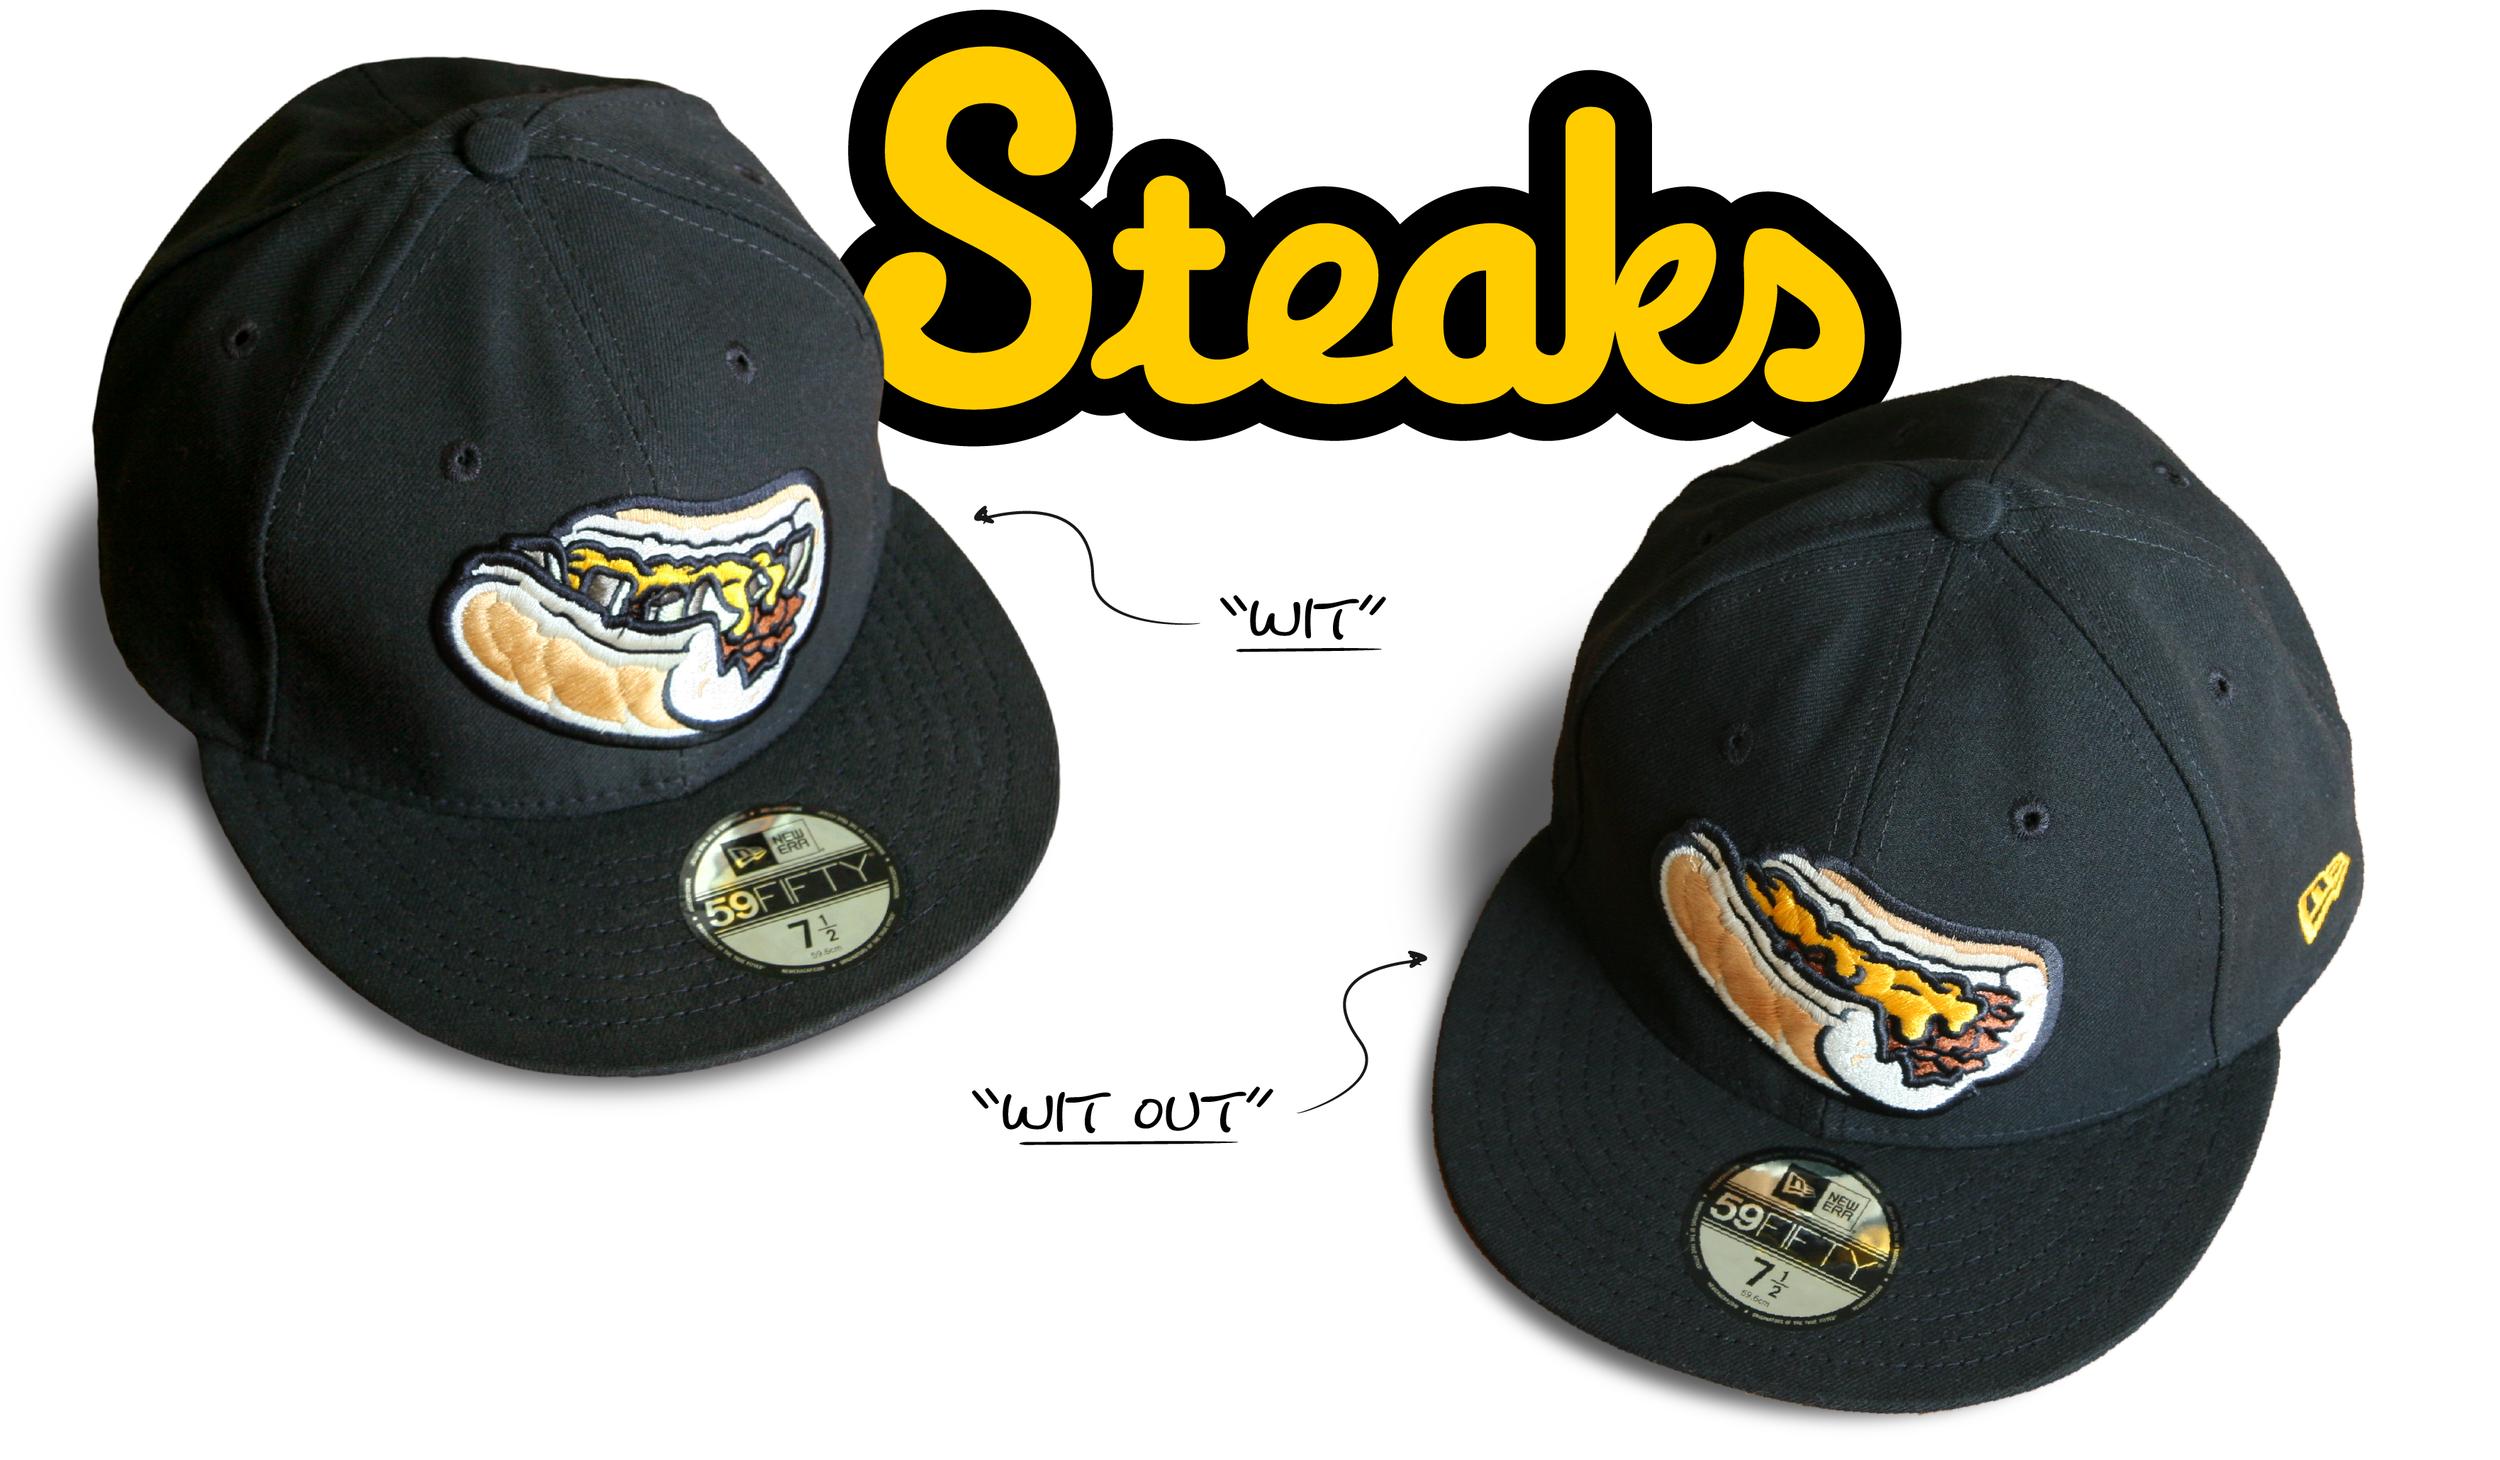 Lehigh-3-BallparkMagic_Steaks-1.png